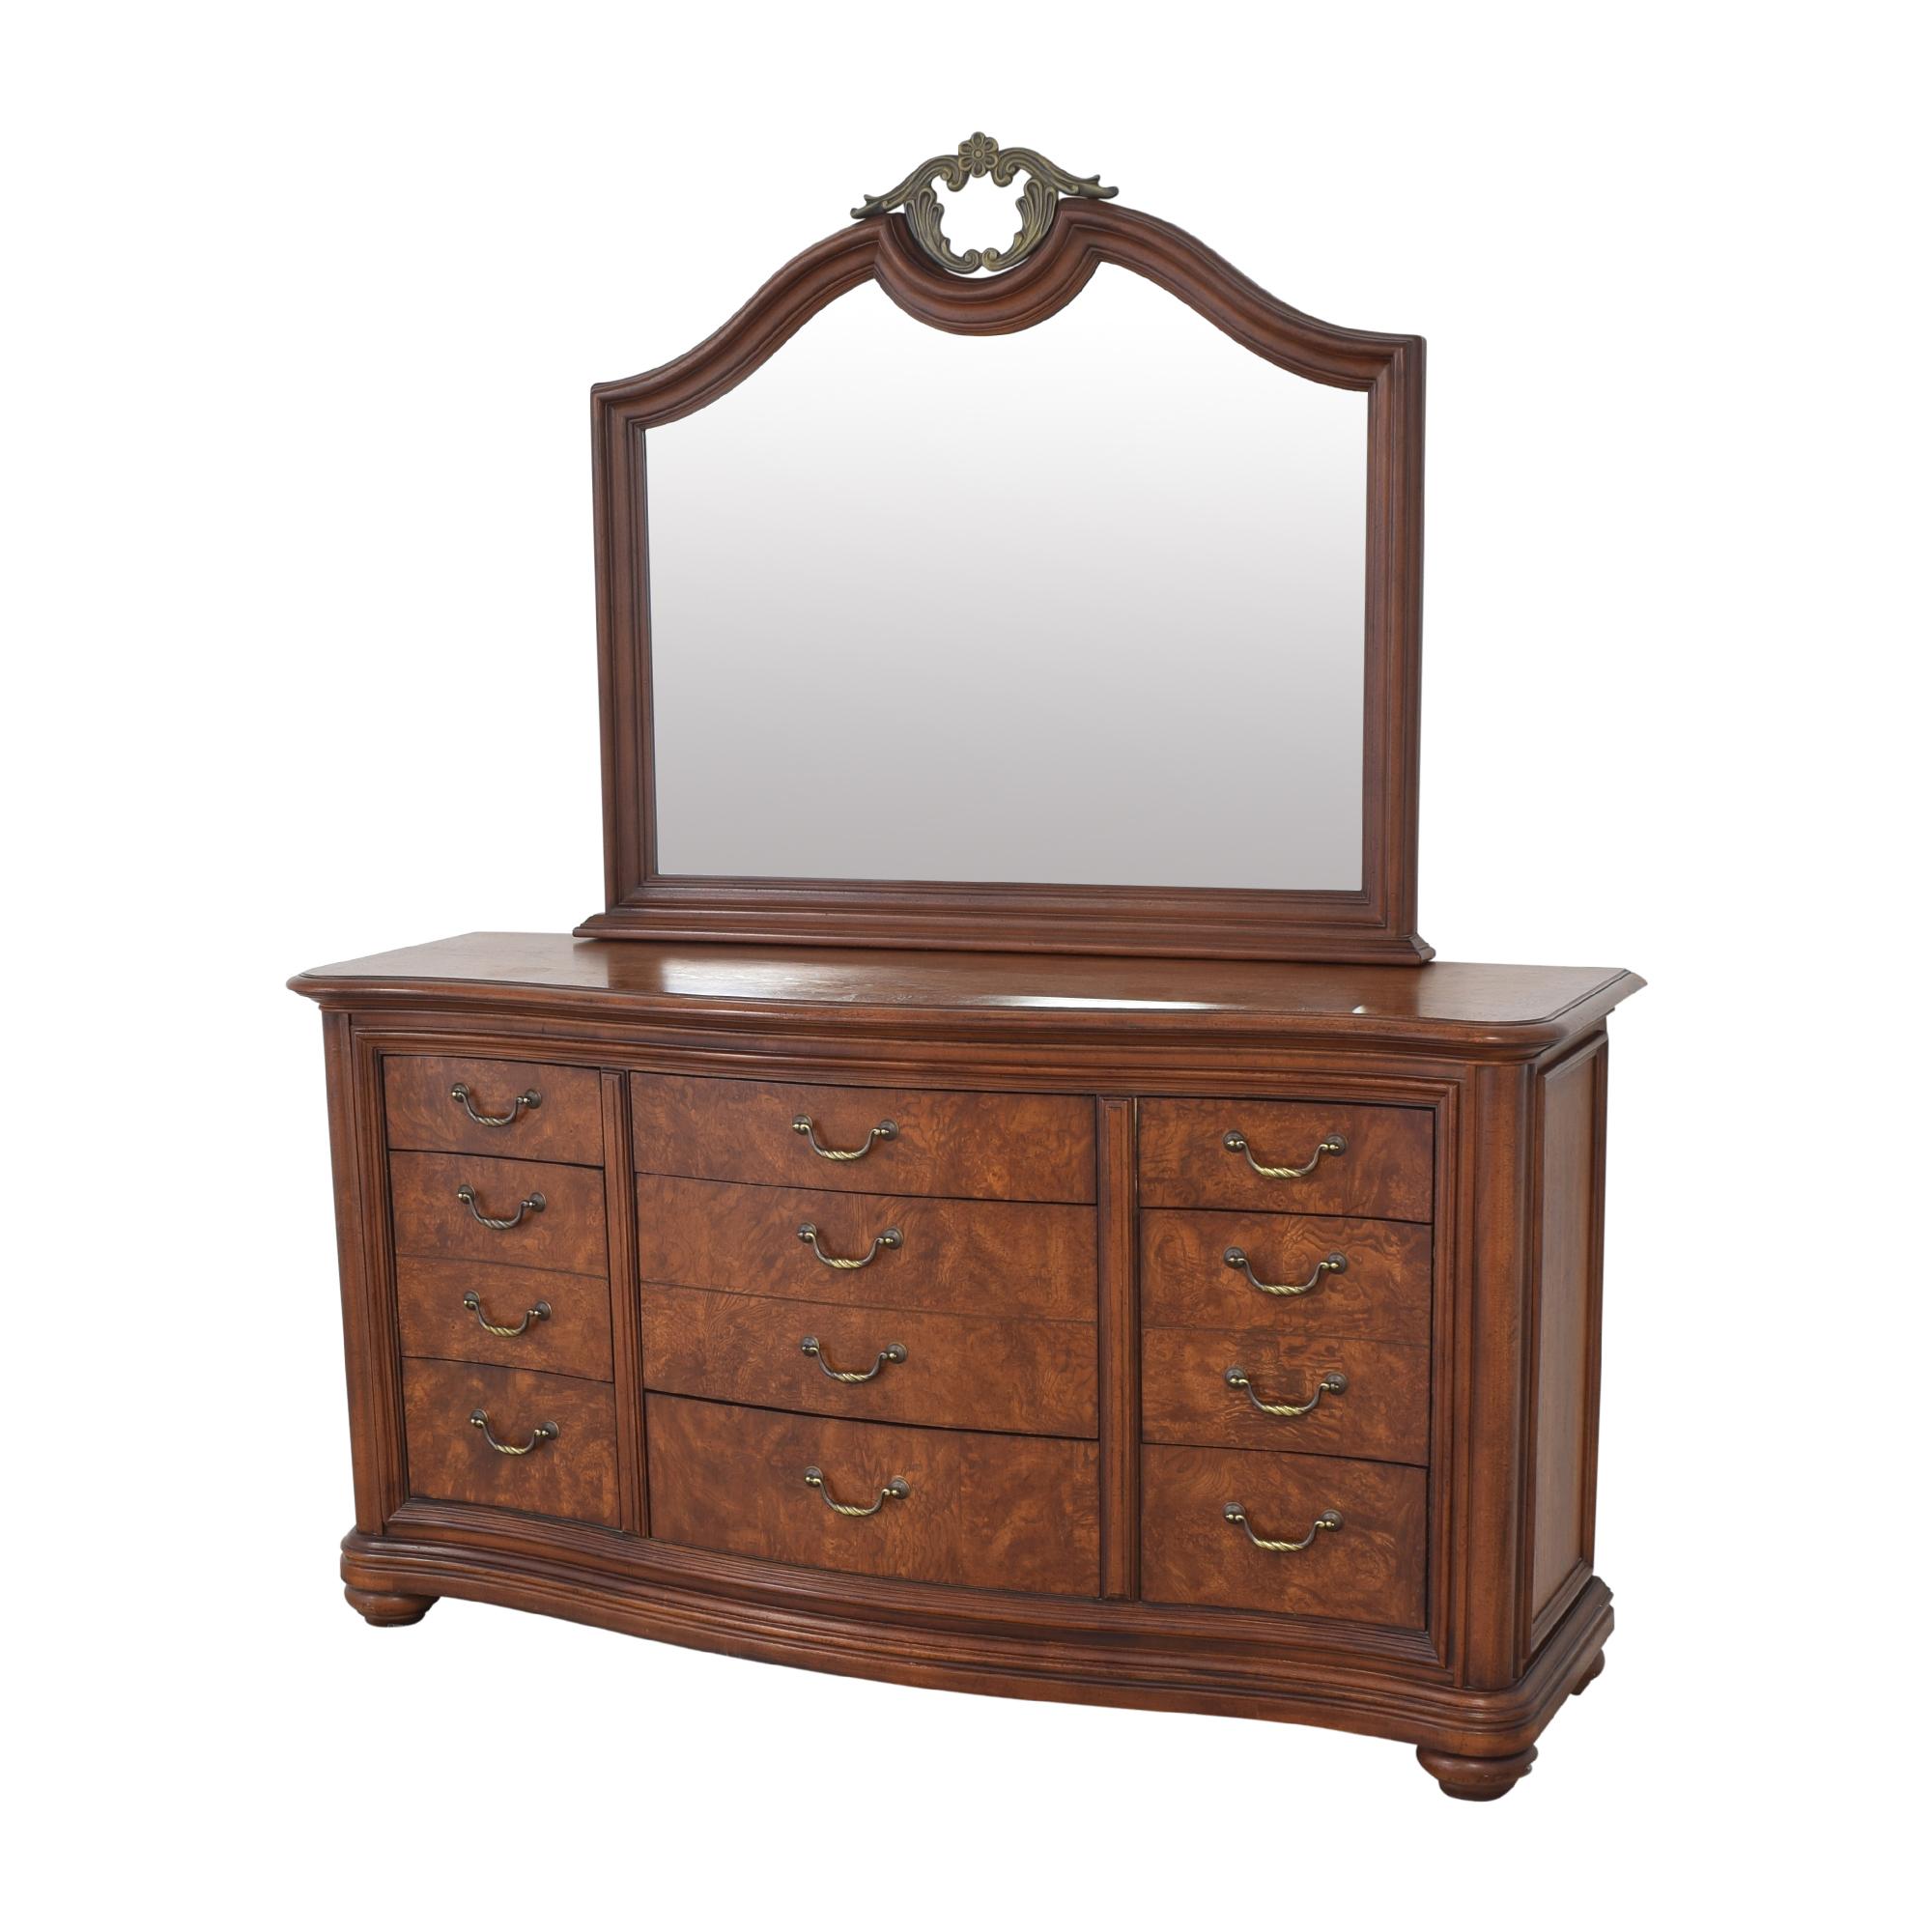 Thomasville Thomasville Twelve Drawer Dresser with Mirror pa